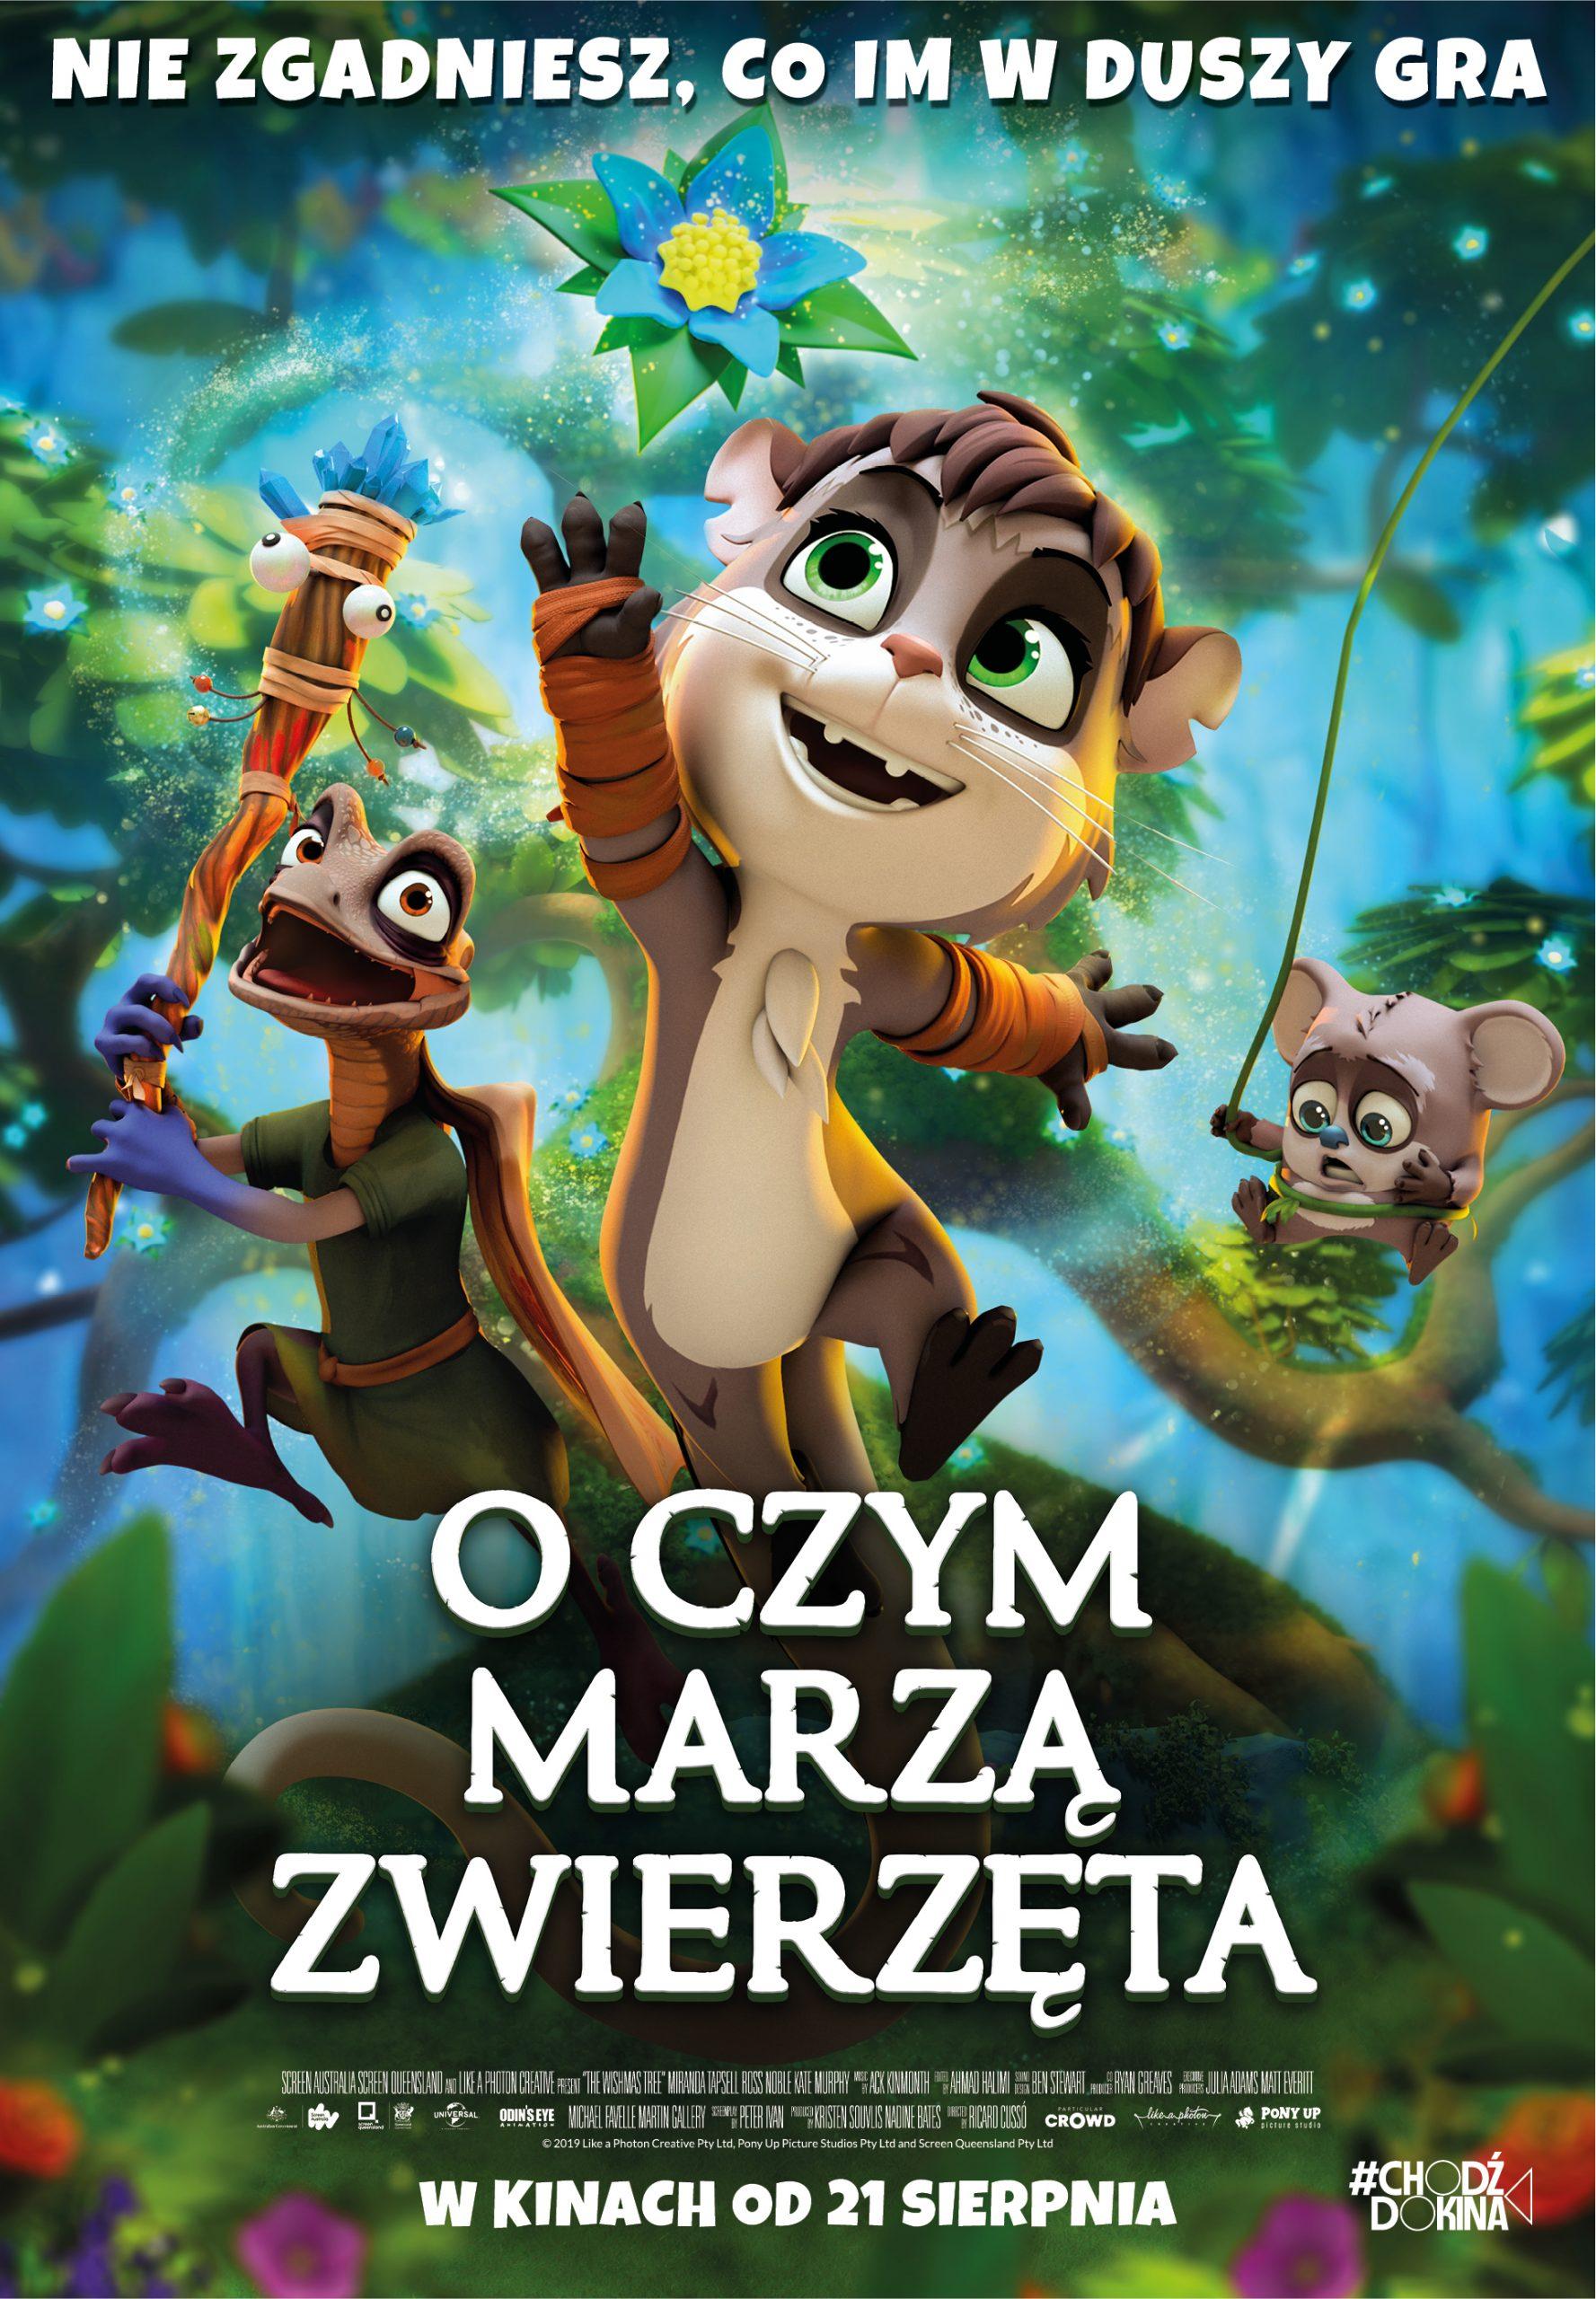 oczymmarzazwierzeta - plakat